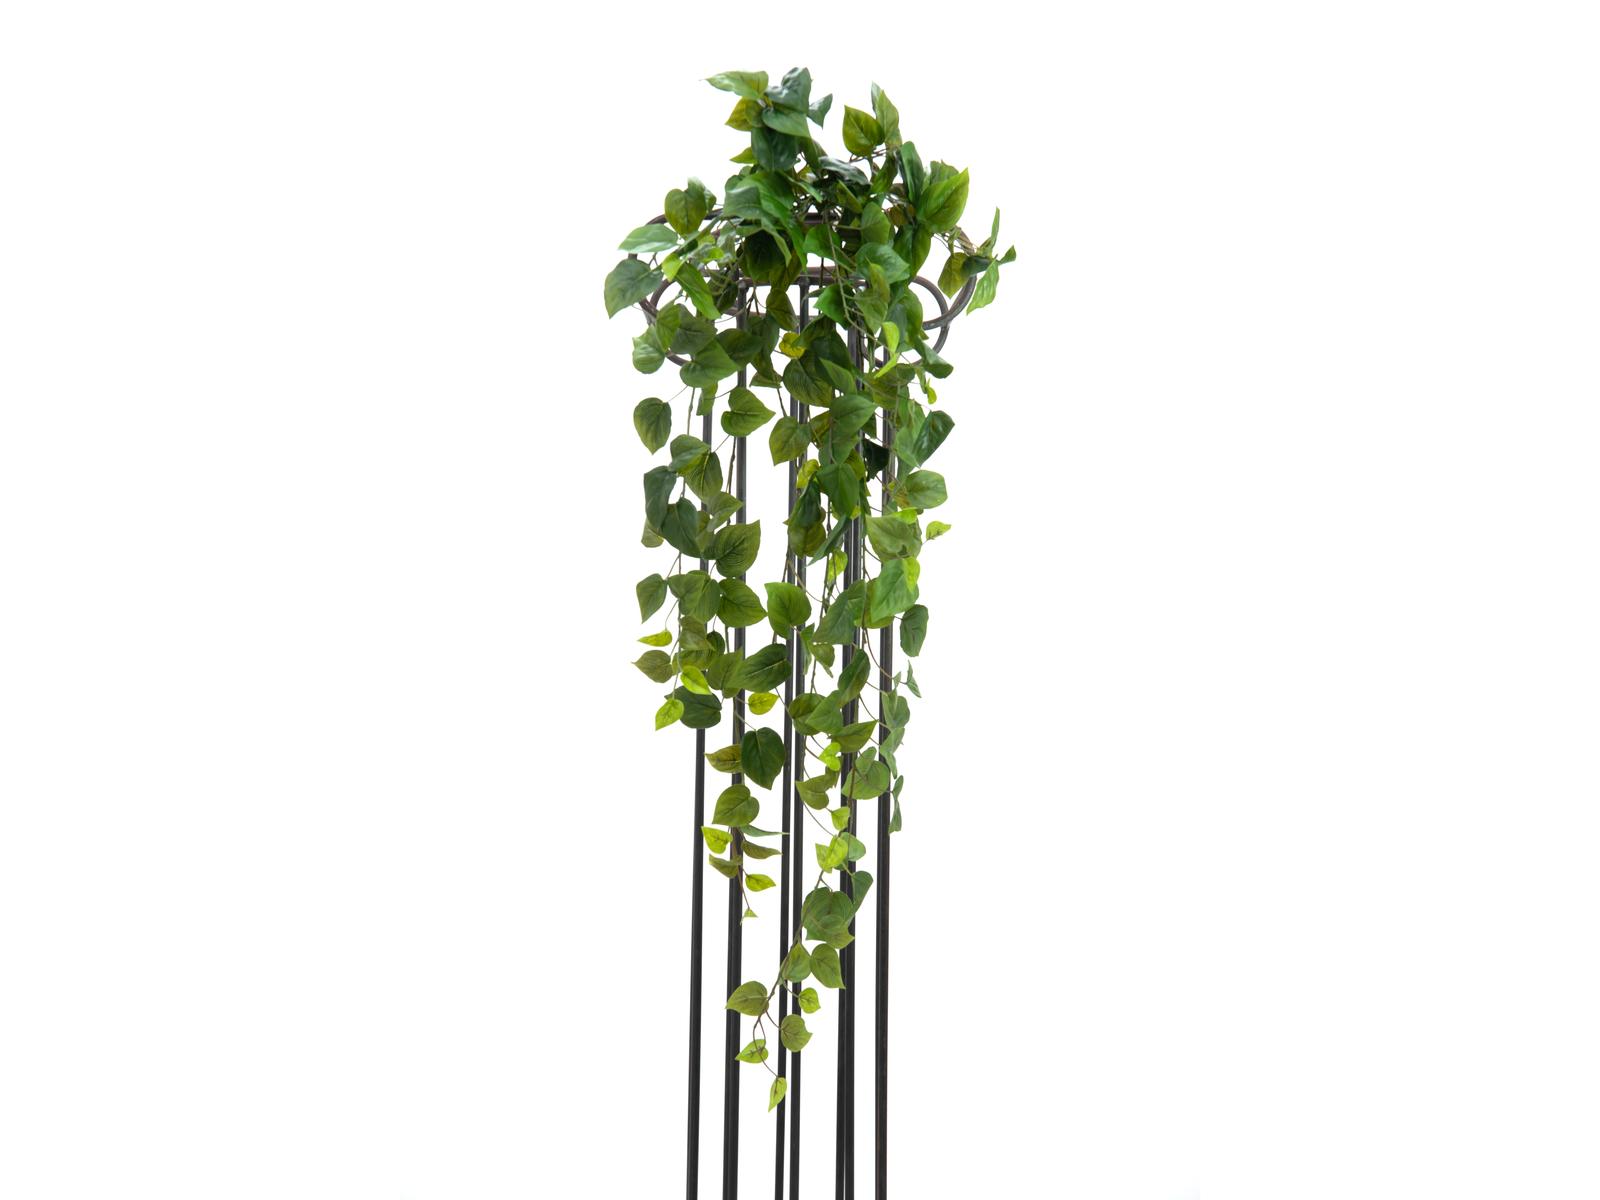 Girlanda Philodendronu, 100 cm, PEVA